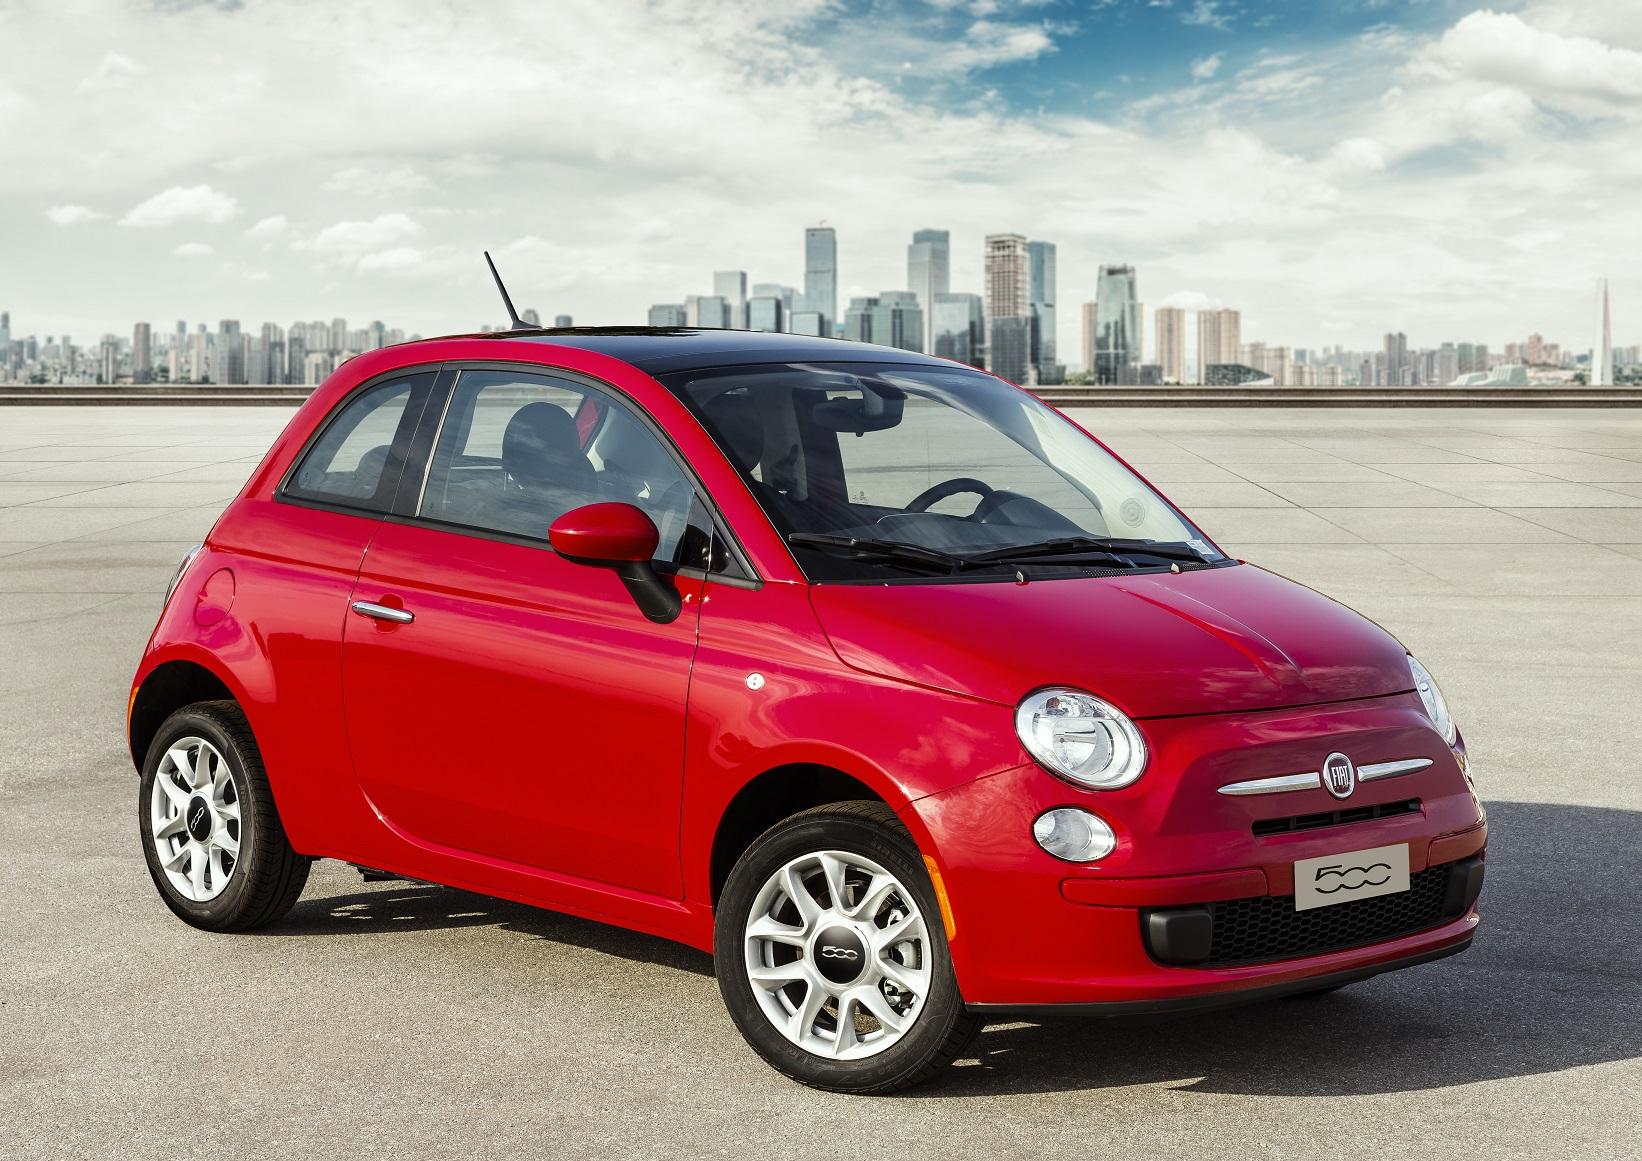 imagem Carros pequenos: 10 modelos novos e usados bons de ter...